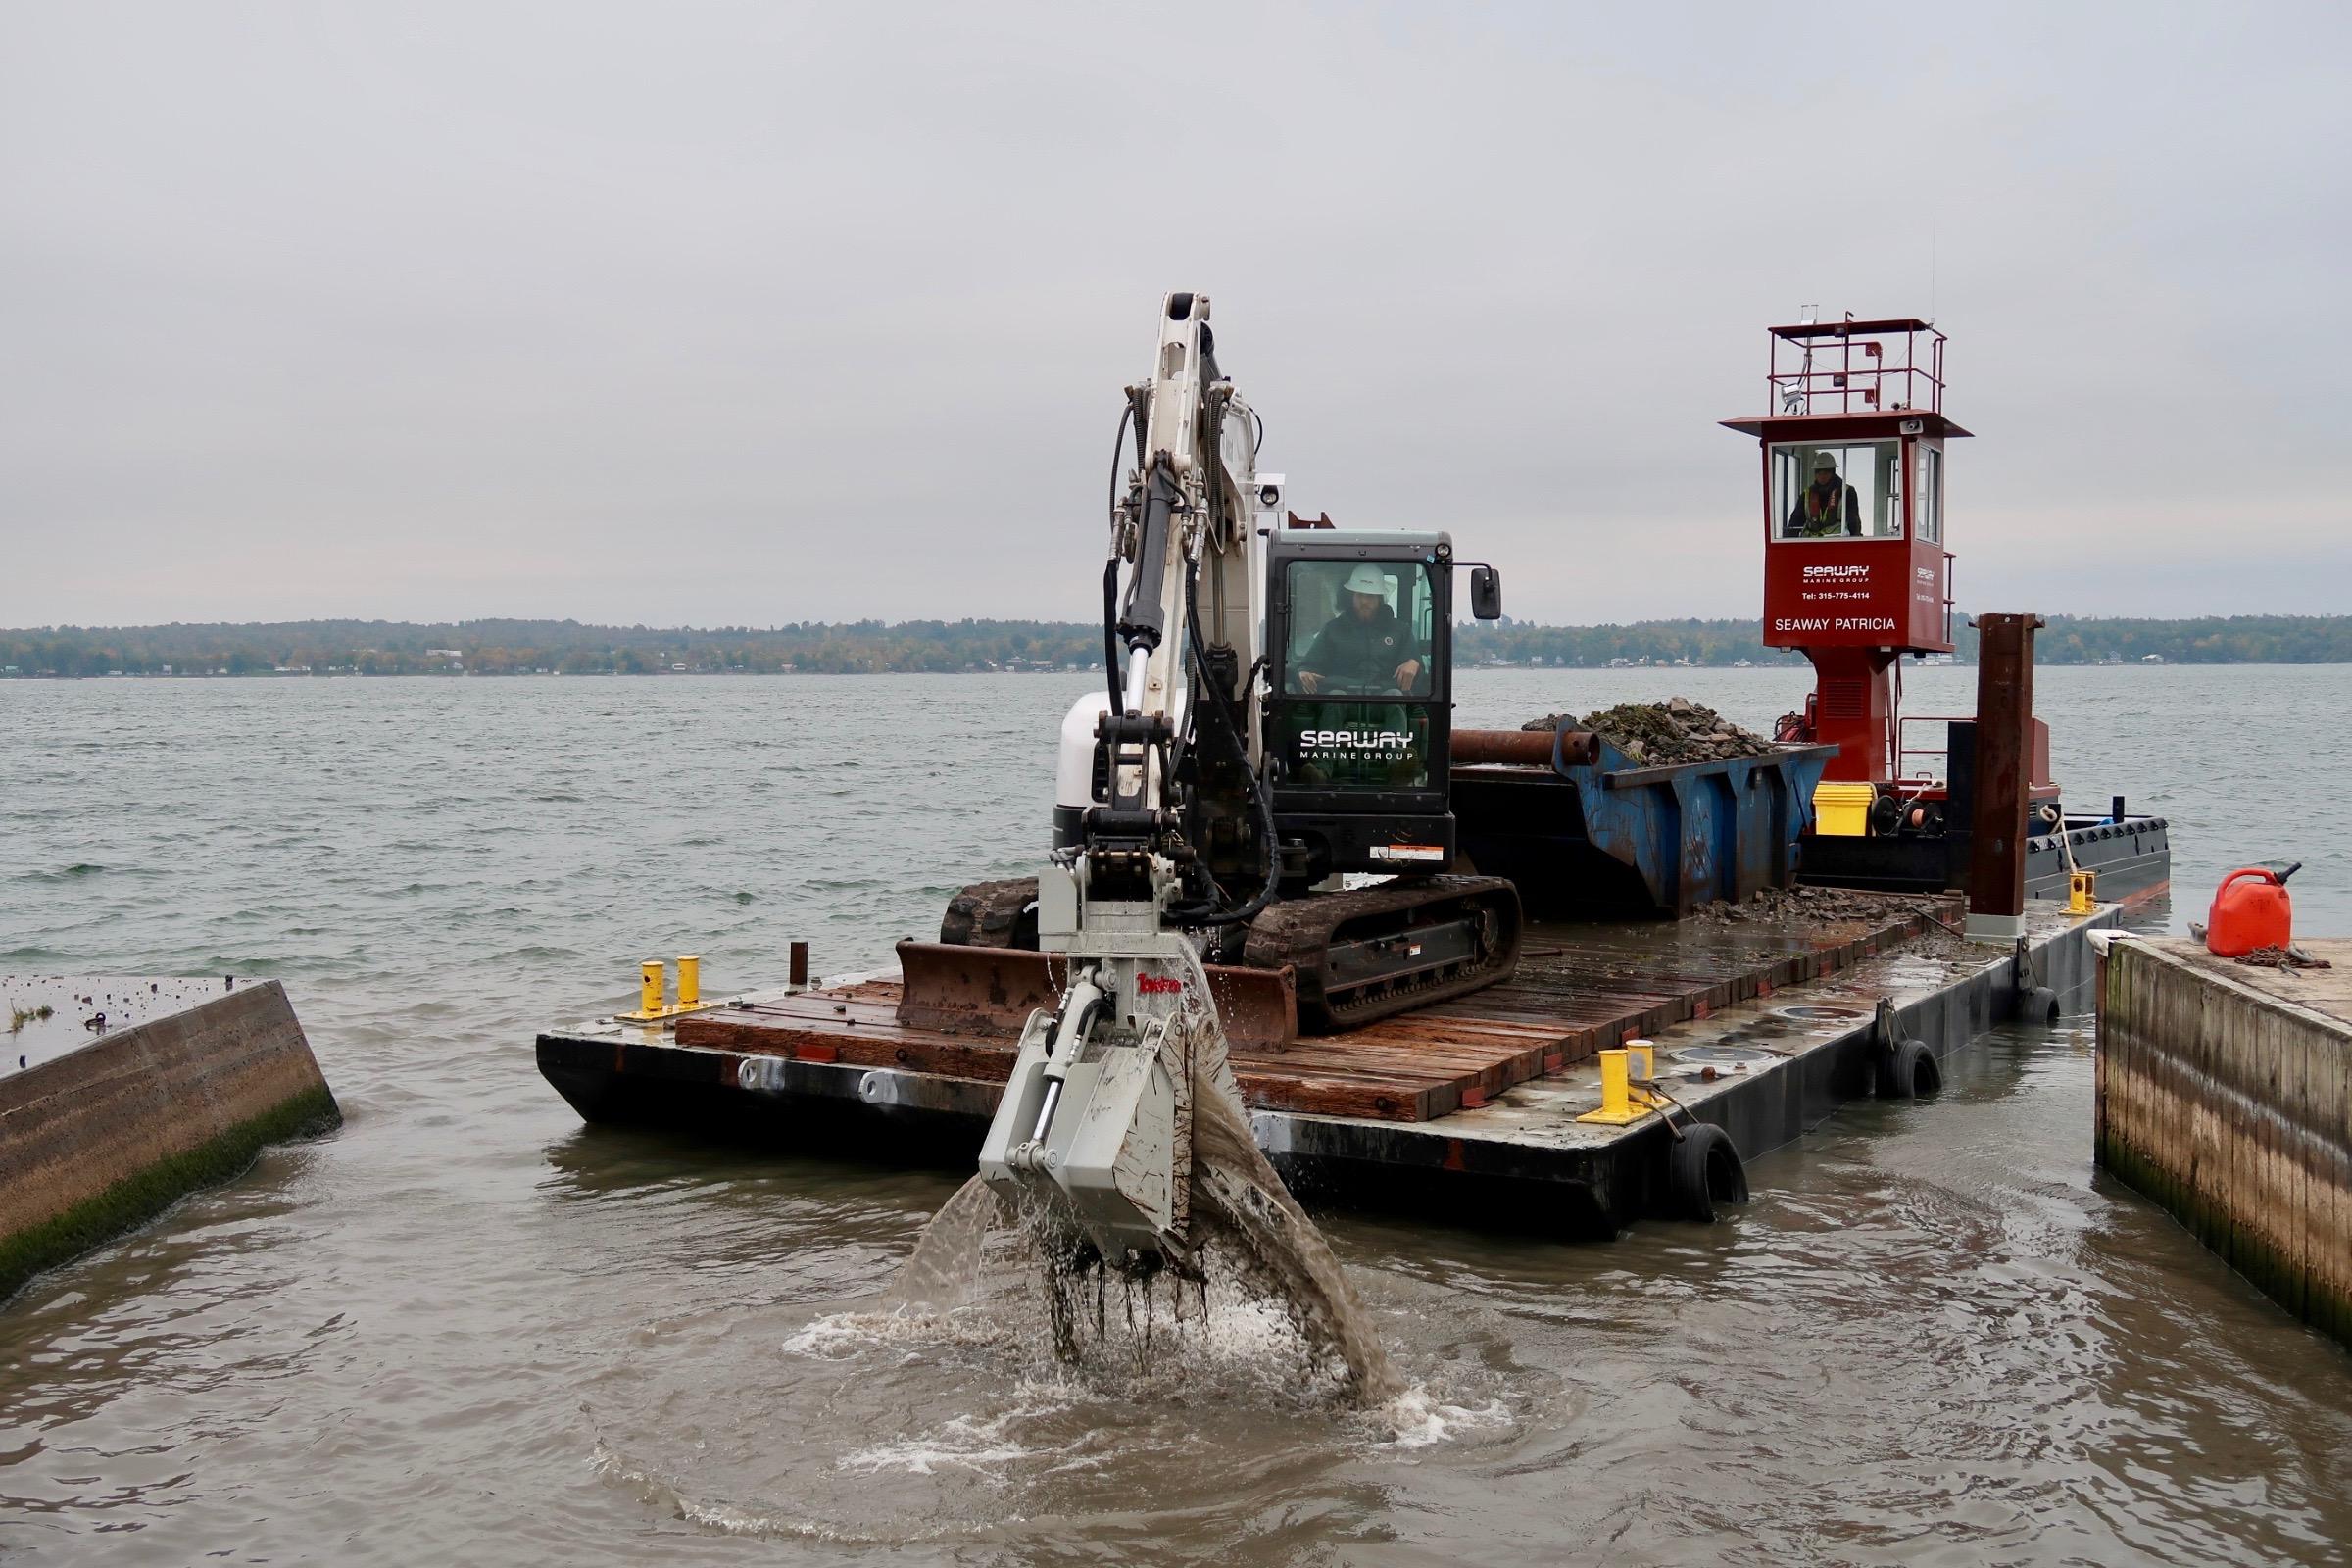 deck barge, spuds, New York, tug, Seaway Marine Group